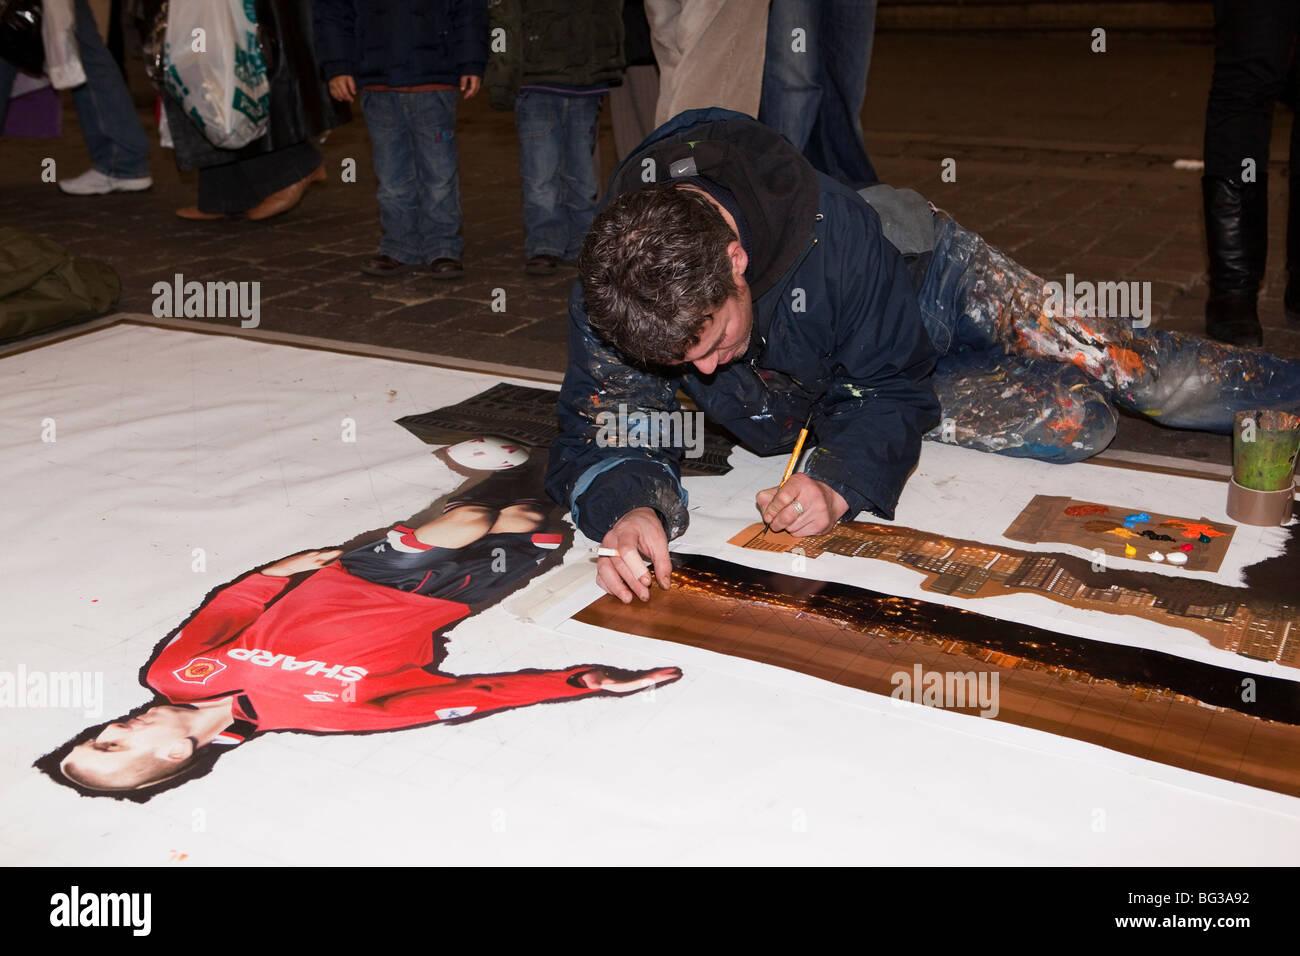 Regno Unito, Inghilterra, Manchester, Market Street, artista Anthony Debro lavorando su larga scala la verniciatura Immagini Stock